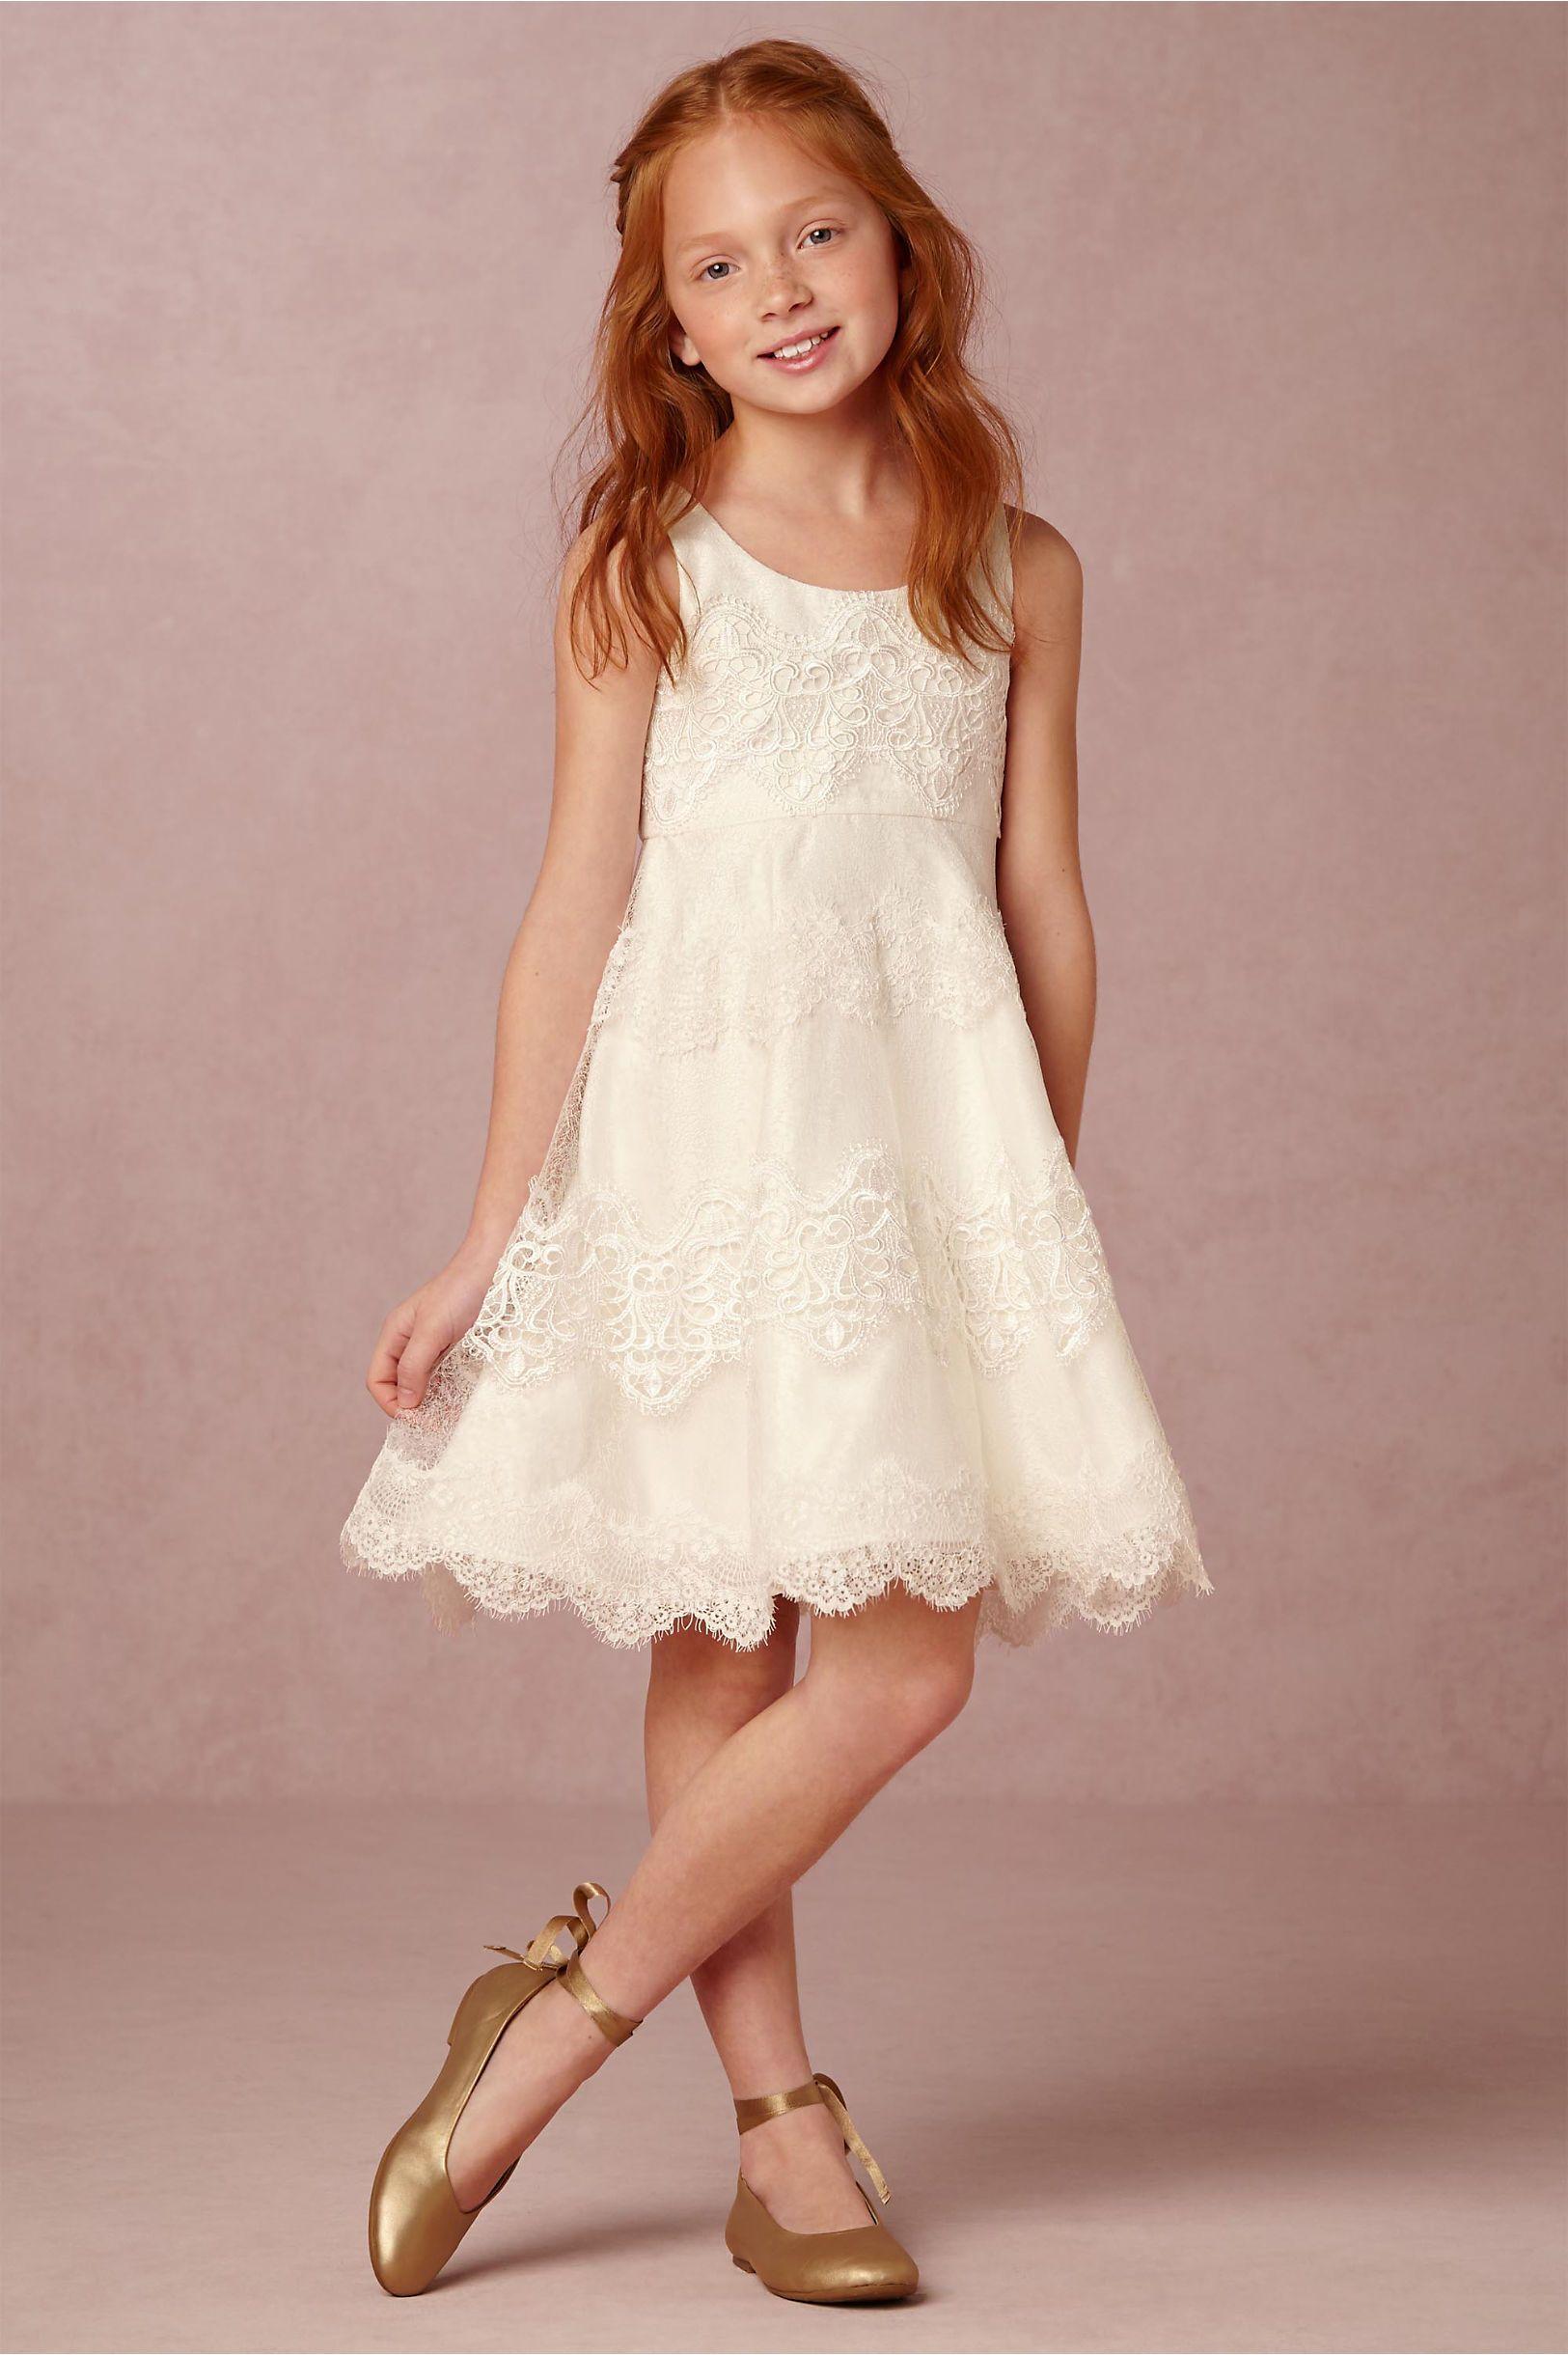 ef2c59f24763 Ivory lace flower girl dress | Bebe Dress from BHLDN | Flower Girls ...